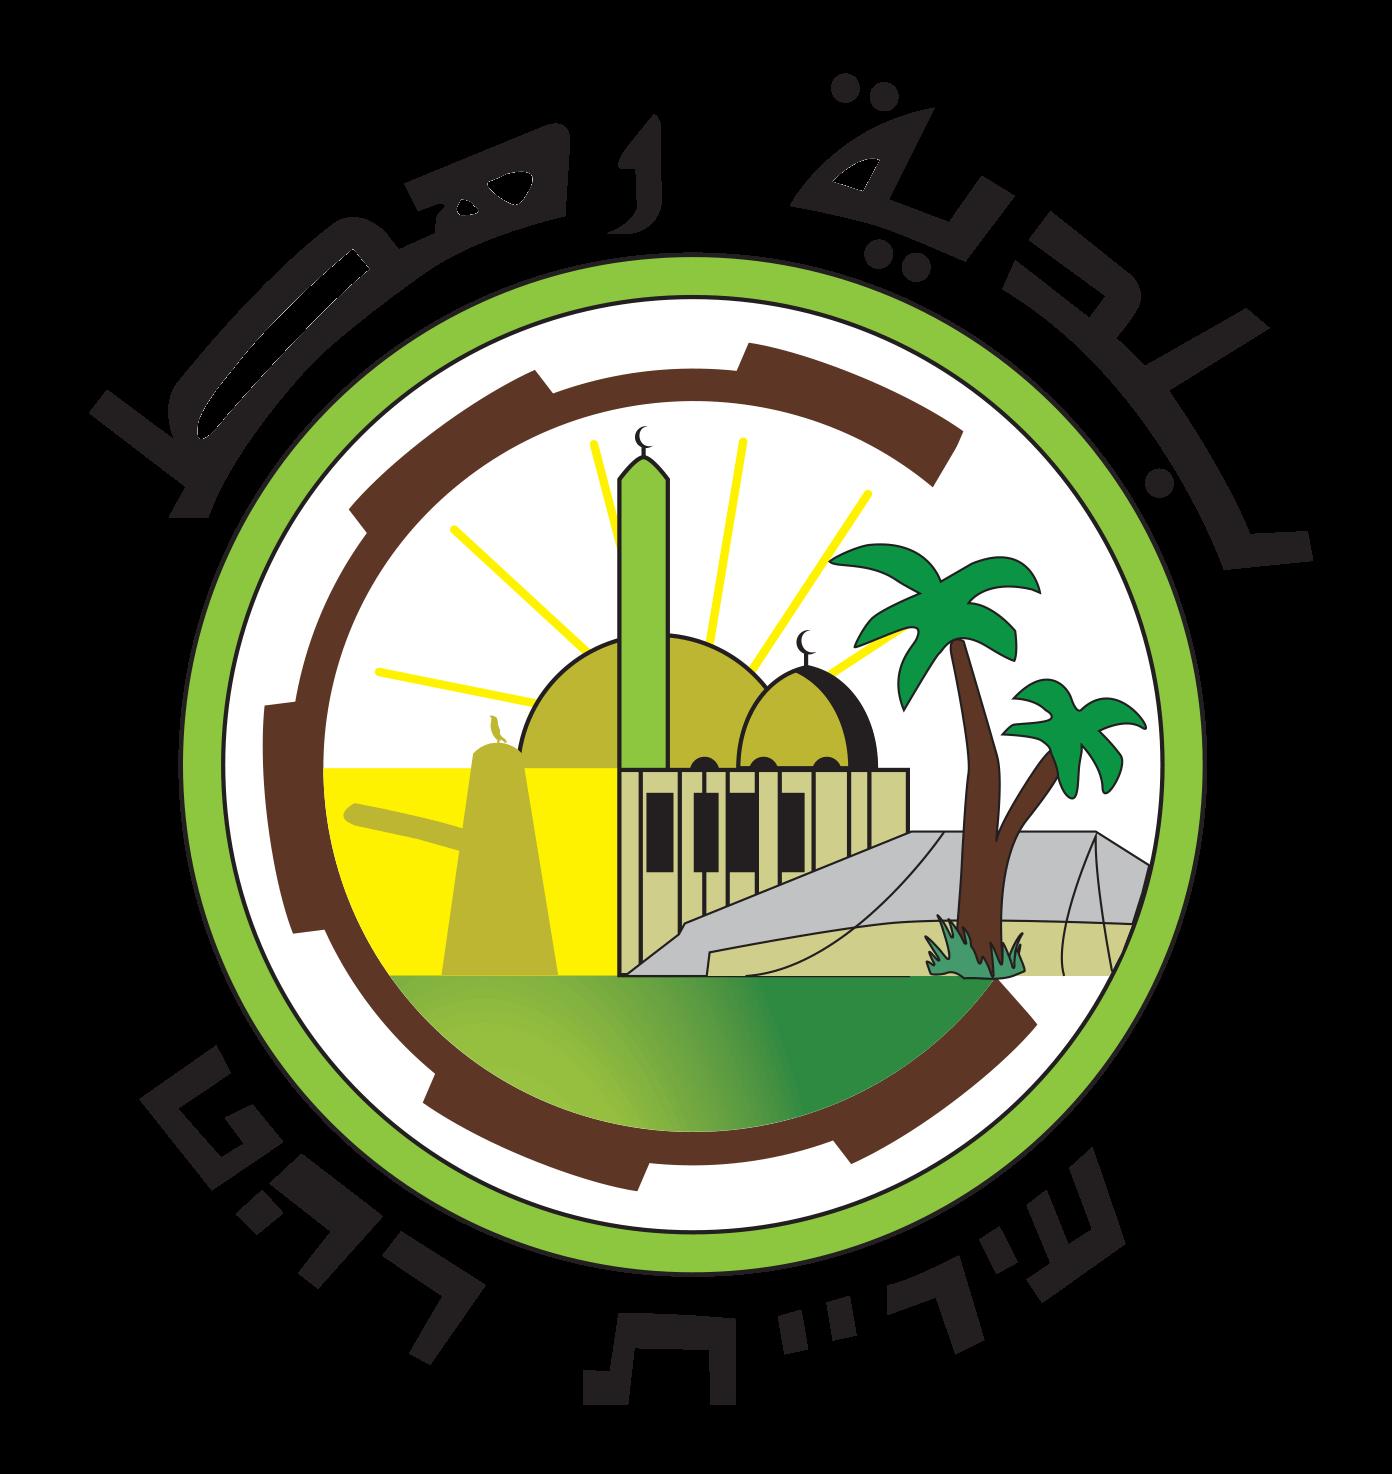 לוגו עיריית רהט איכות גבוהה (1)